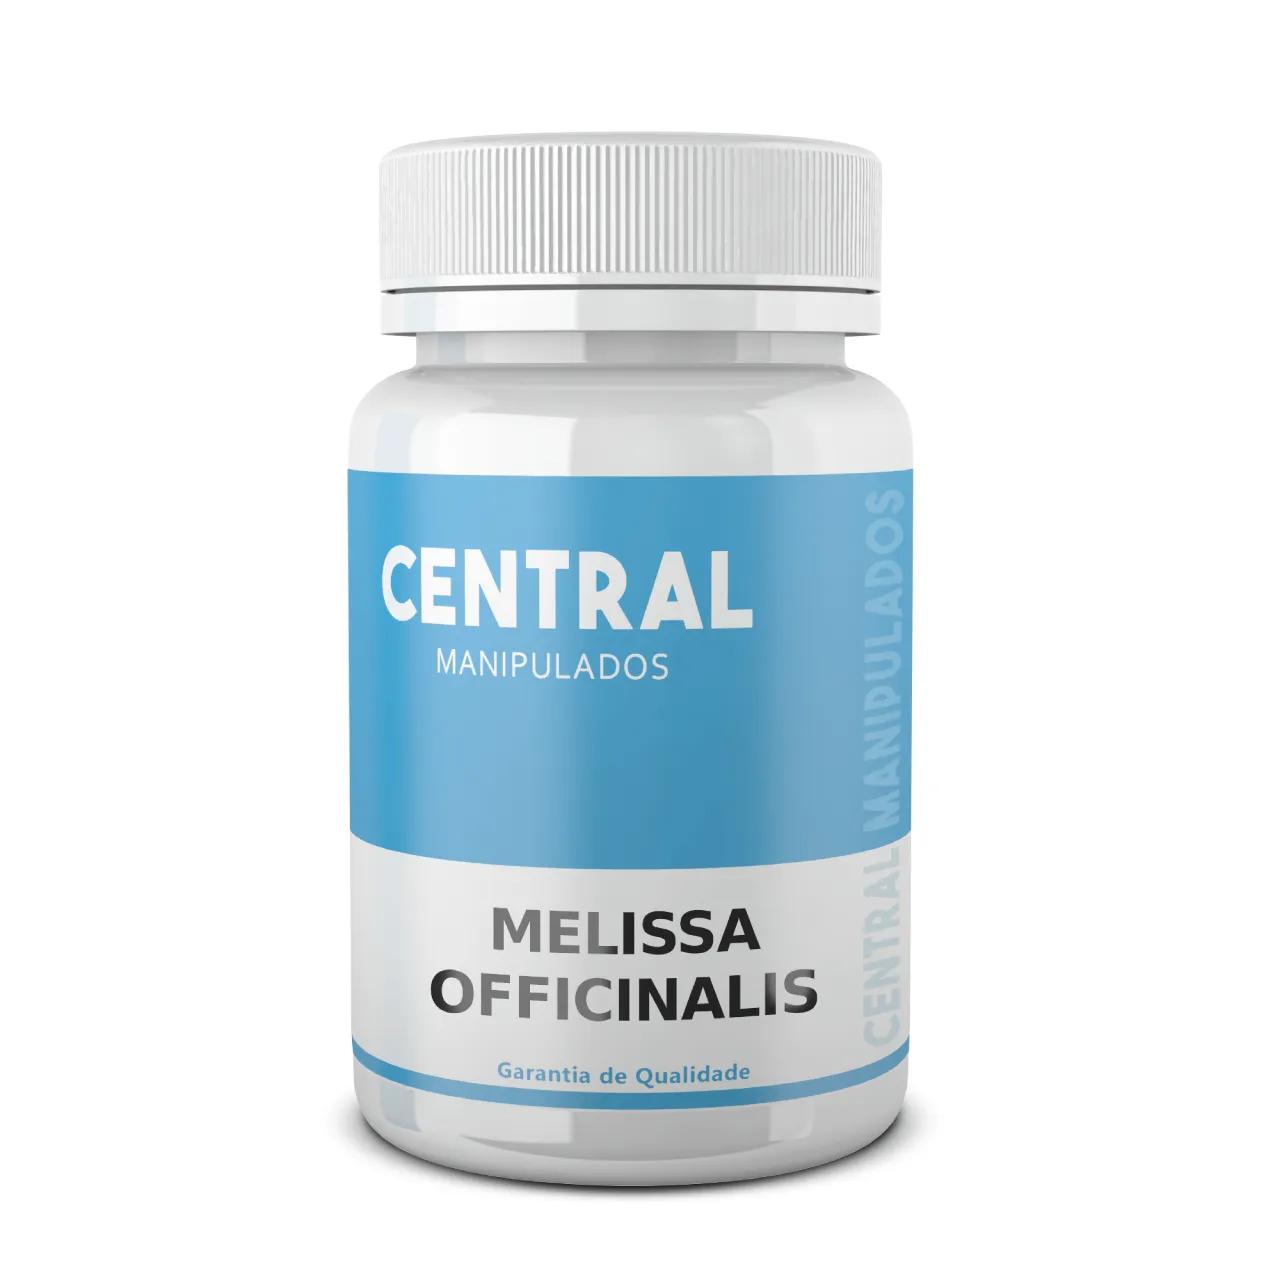 Melissa officinalis 500mg - 60 cápsulas - Calmante Natural